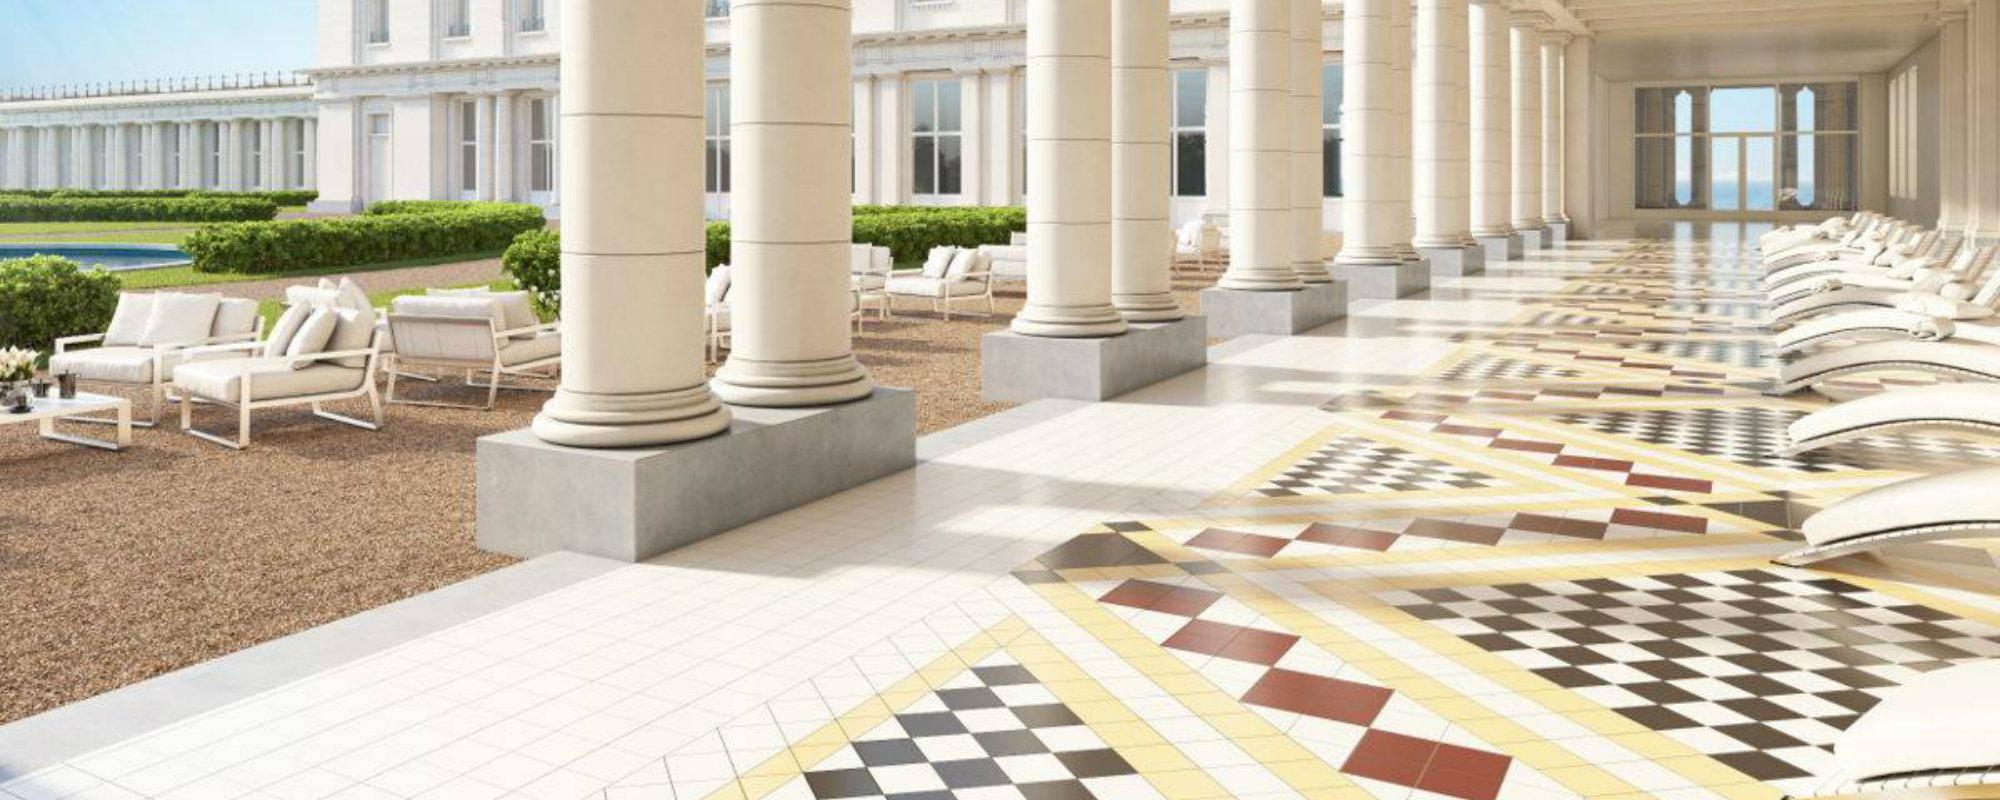 Cruz y Ortiz: Una de las más influentes empresas de arquitectura en España cruz y ortiz Cruz y Ortiz: Una de las más influyentes empresas de arquitectura en España Featured